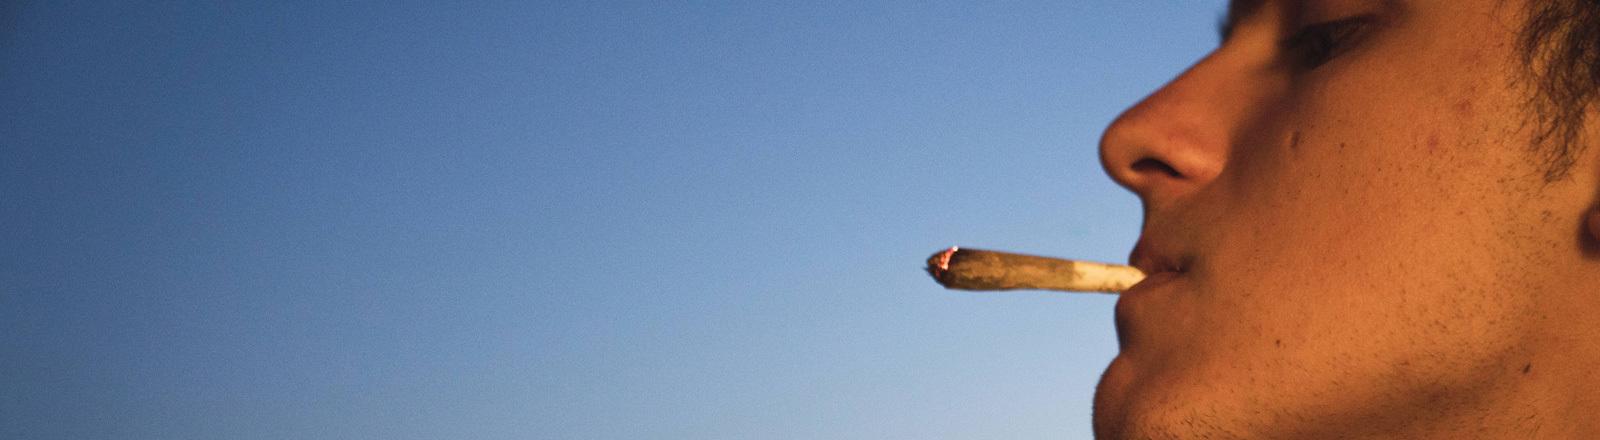 Ein junger Mann zieht an einem Joint.